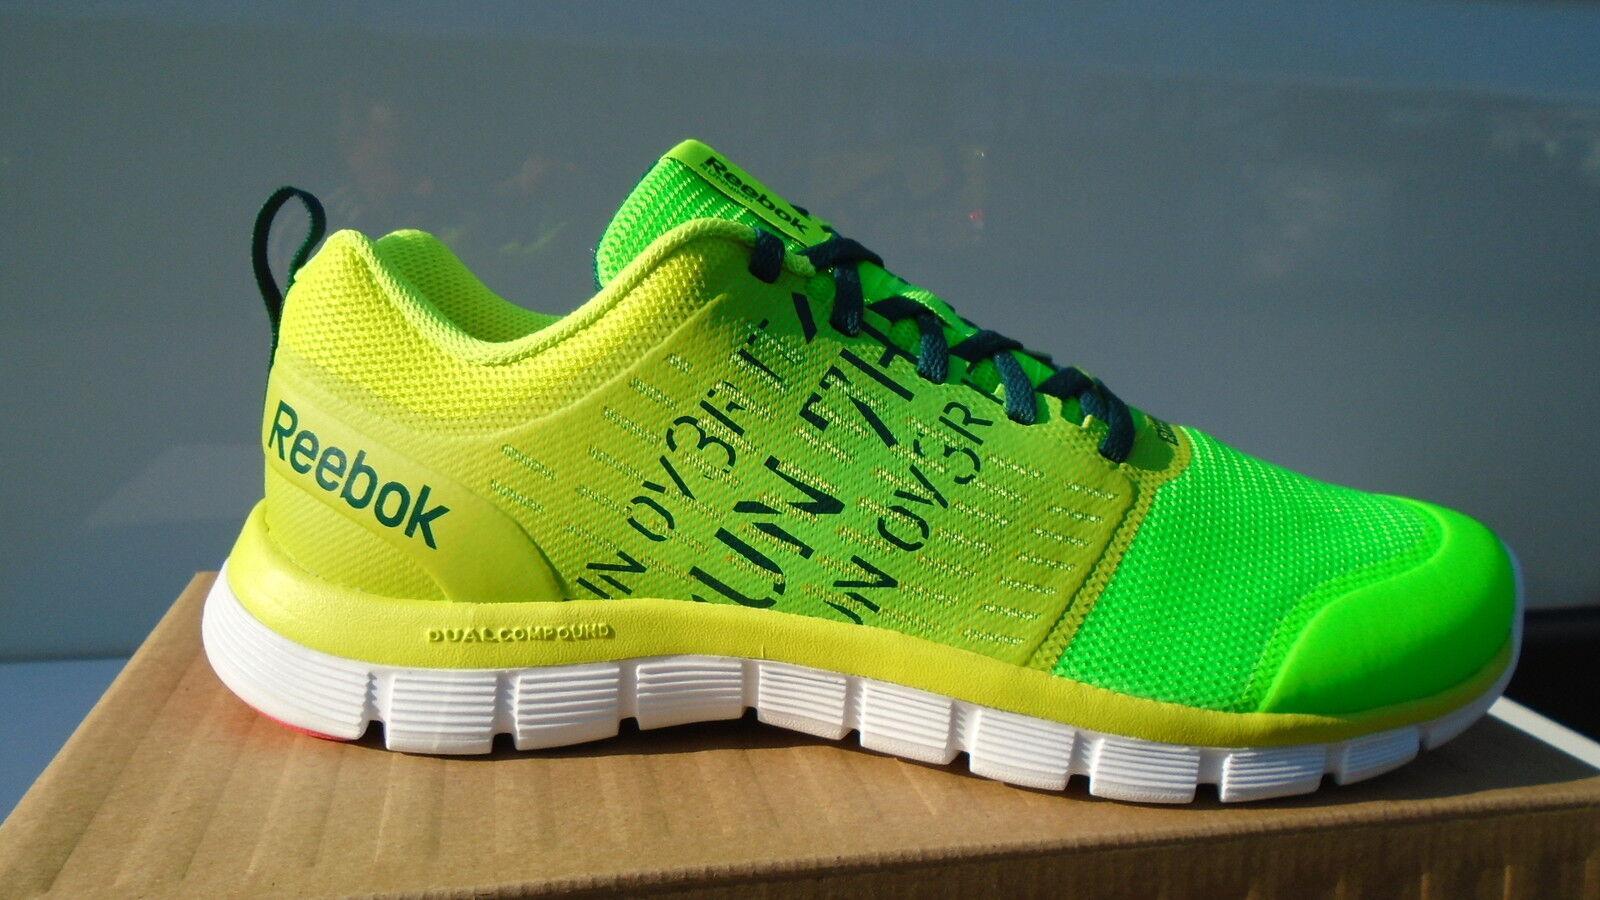 Reebok gelb Running Schuhe Laufschuhe Sneaker Fitness Sportschuhe Dual Rush NEU